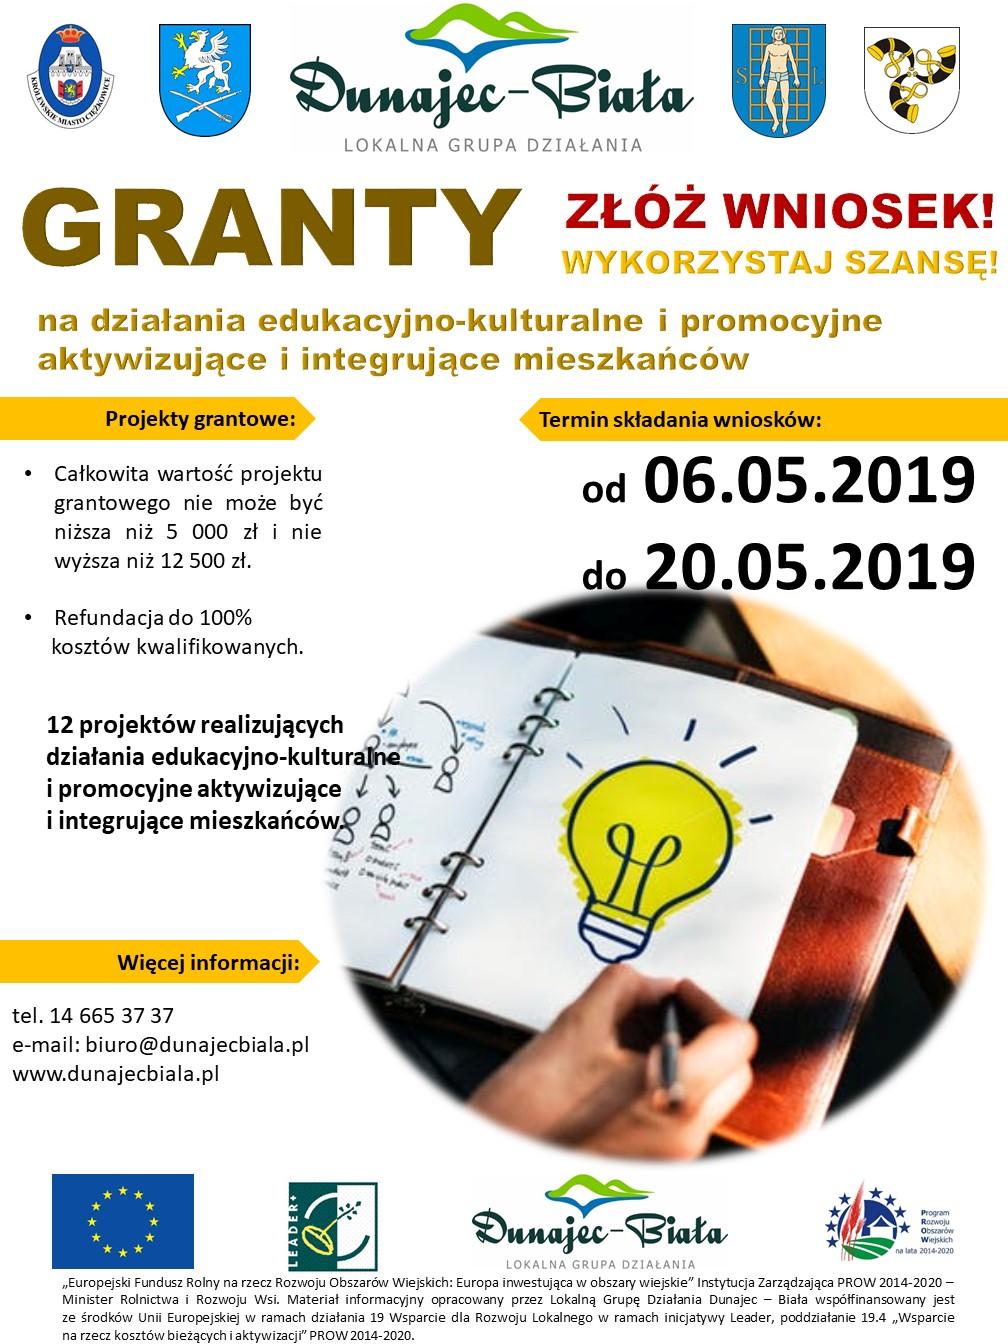 Plakat, grant: wzmocnienie kapitału społecznego, w tym przez podnoszenie wiedzy społeczności lokalnej w zakresie ochrony środowiska i zmian klimatycznych, także z wykorzystaniem rozwiązań innowacyjnych i/lub zachowaniem dziedzictwa lokalnego